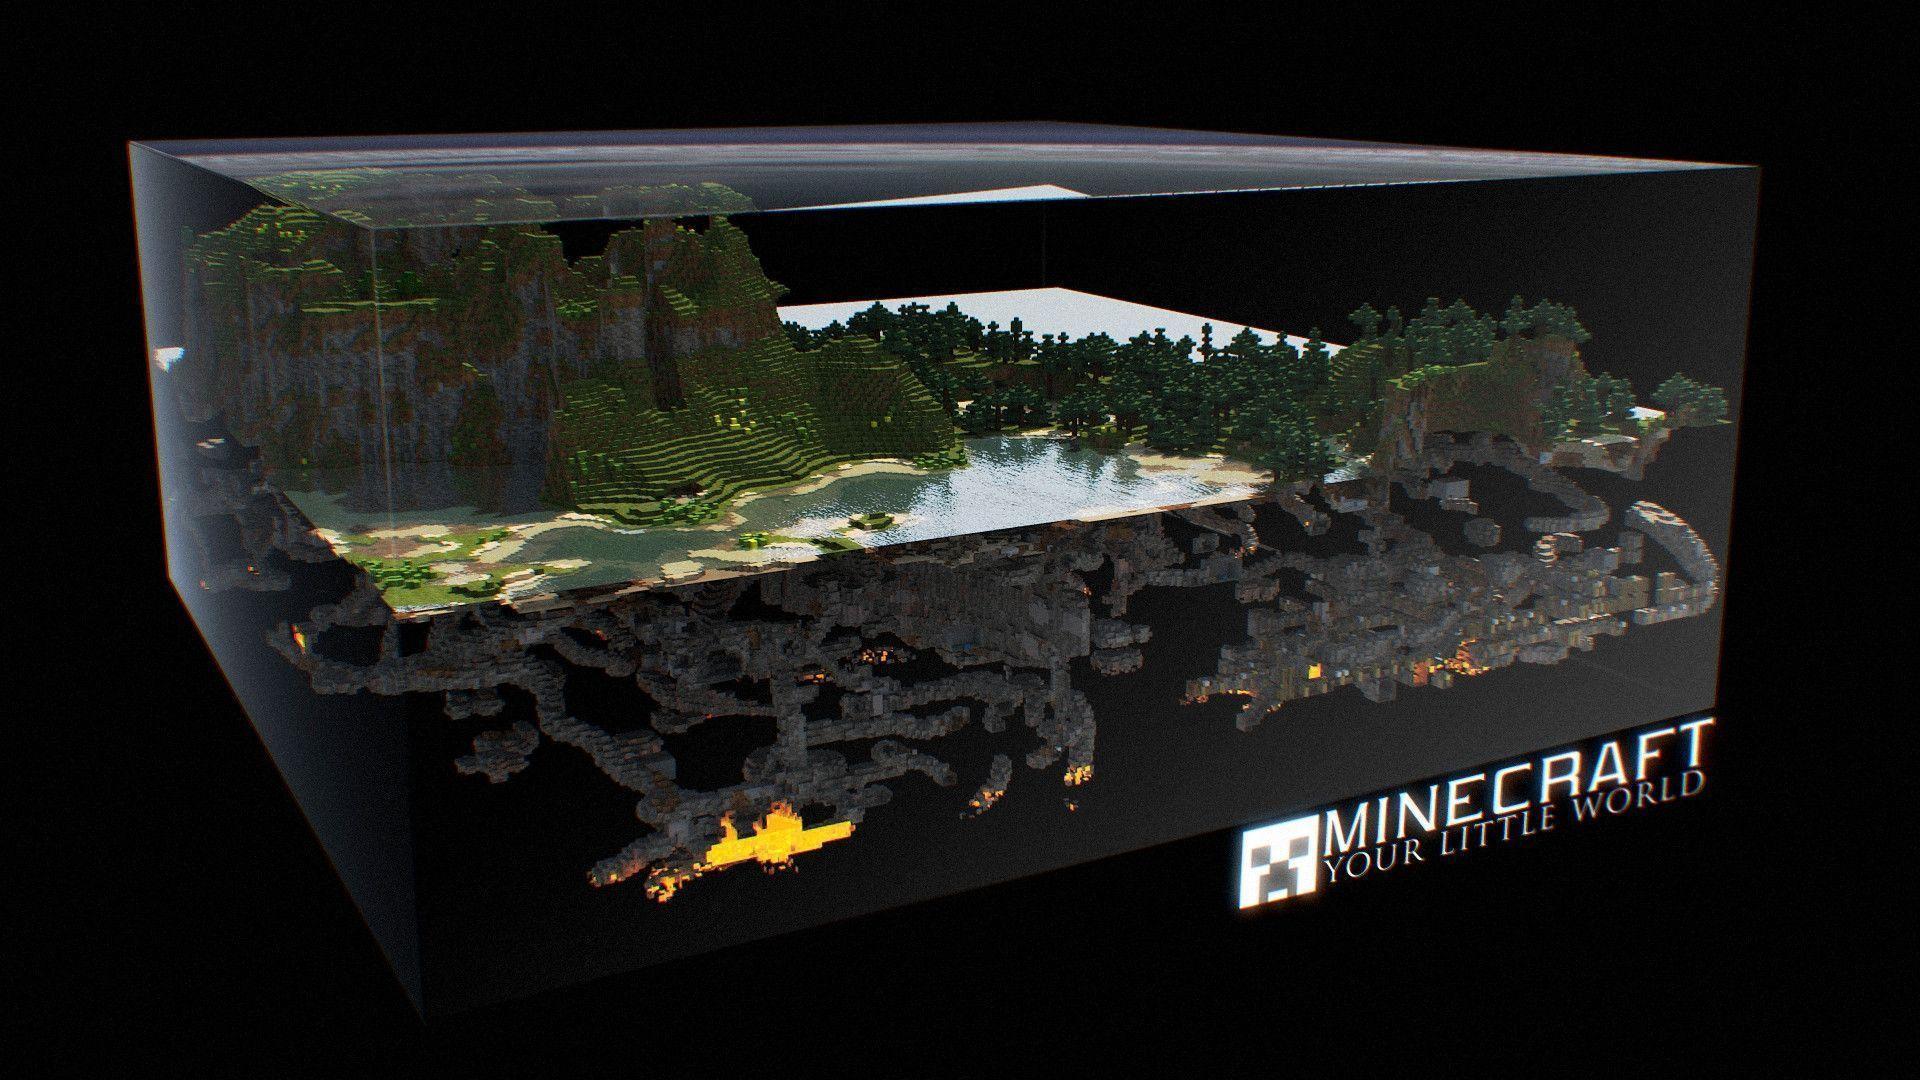 epic minecraft backgrounds wallpaper cave. Black Bedroom Furniture Sets. Home Design Ideas